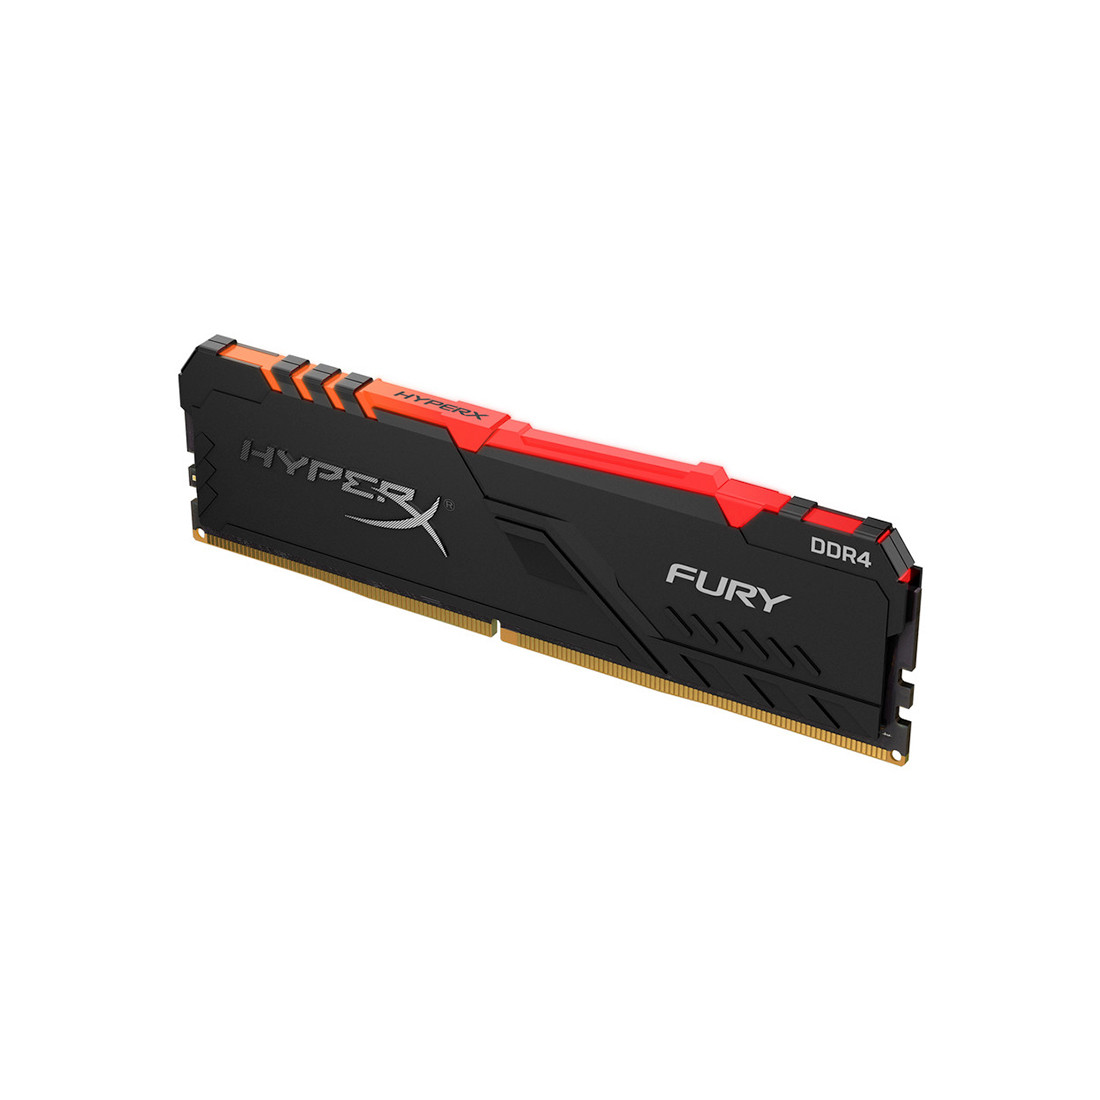 Kingston HX426C16FB3A/8 HyperX Fury Модуль памяти DDR4, 8GB, DIMM , Чёрный